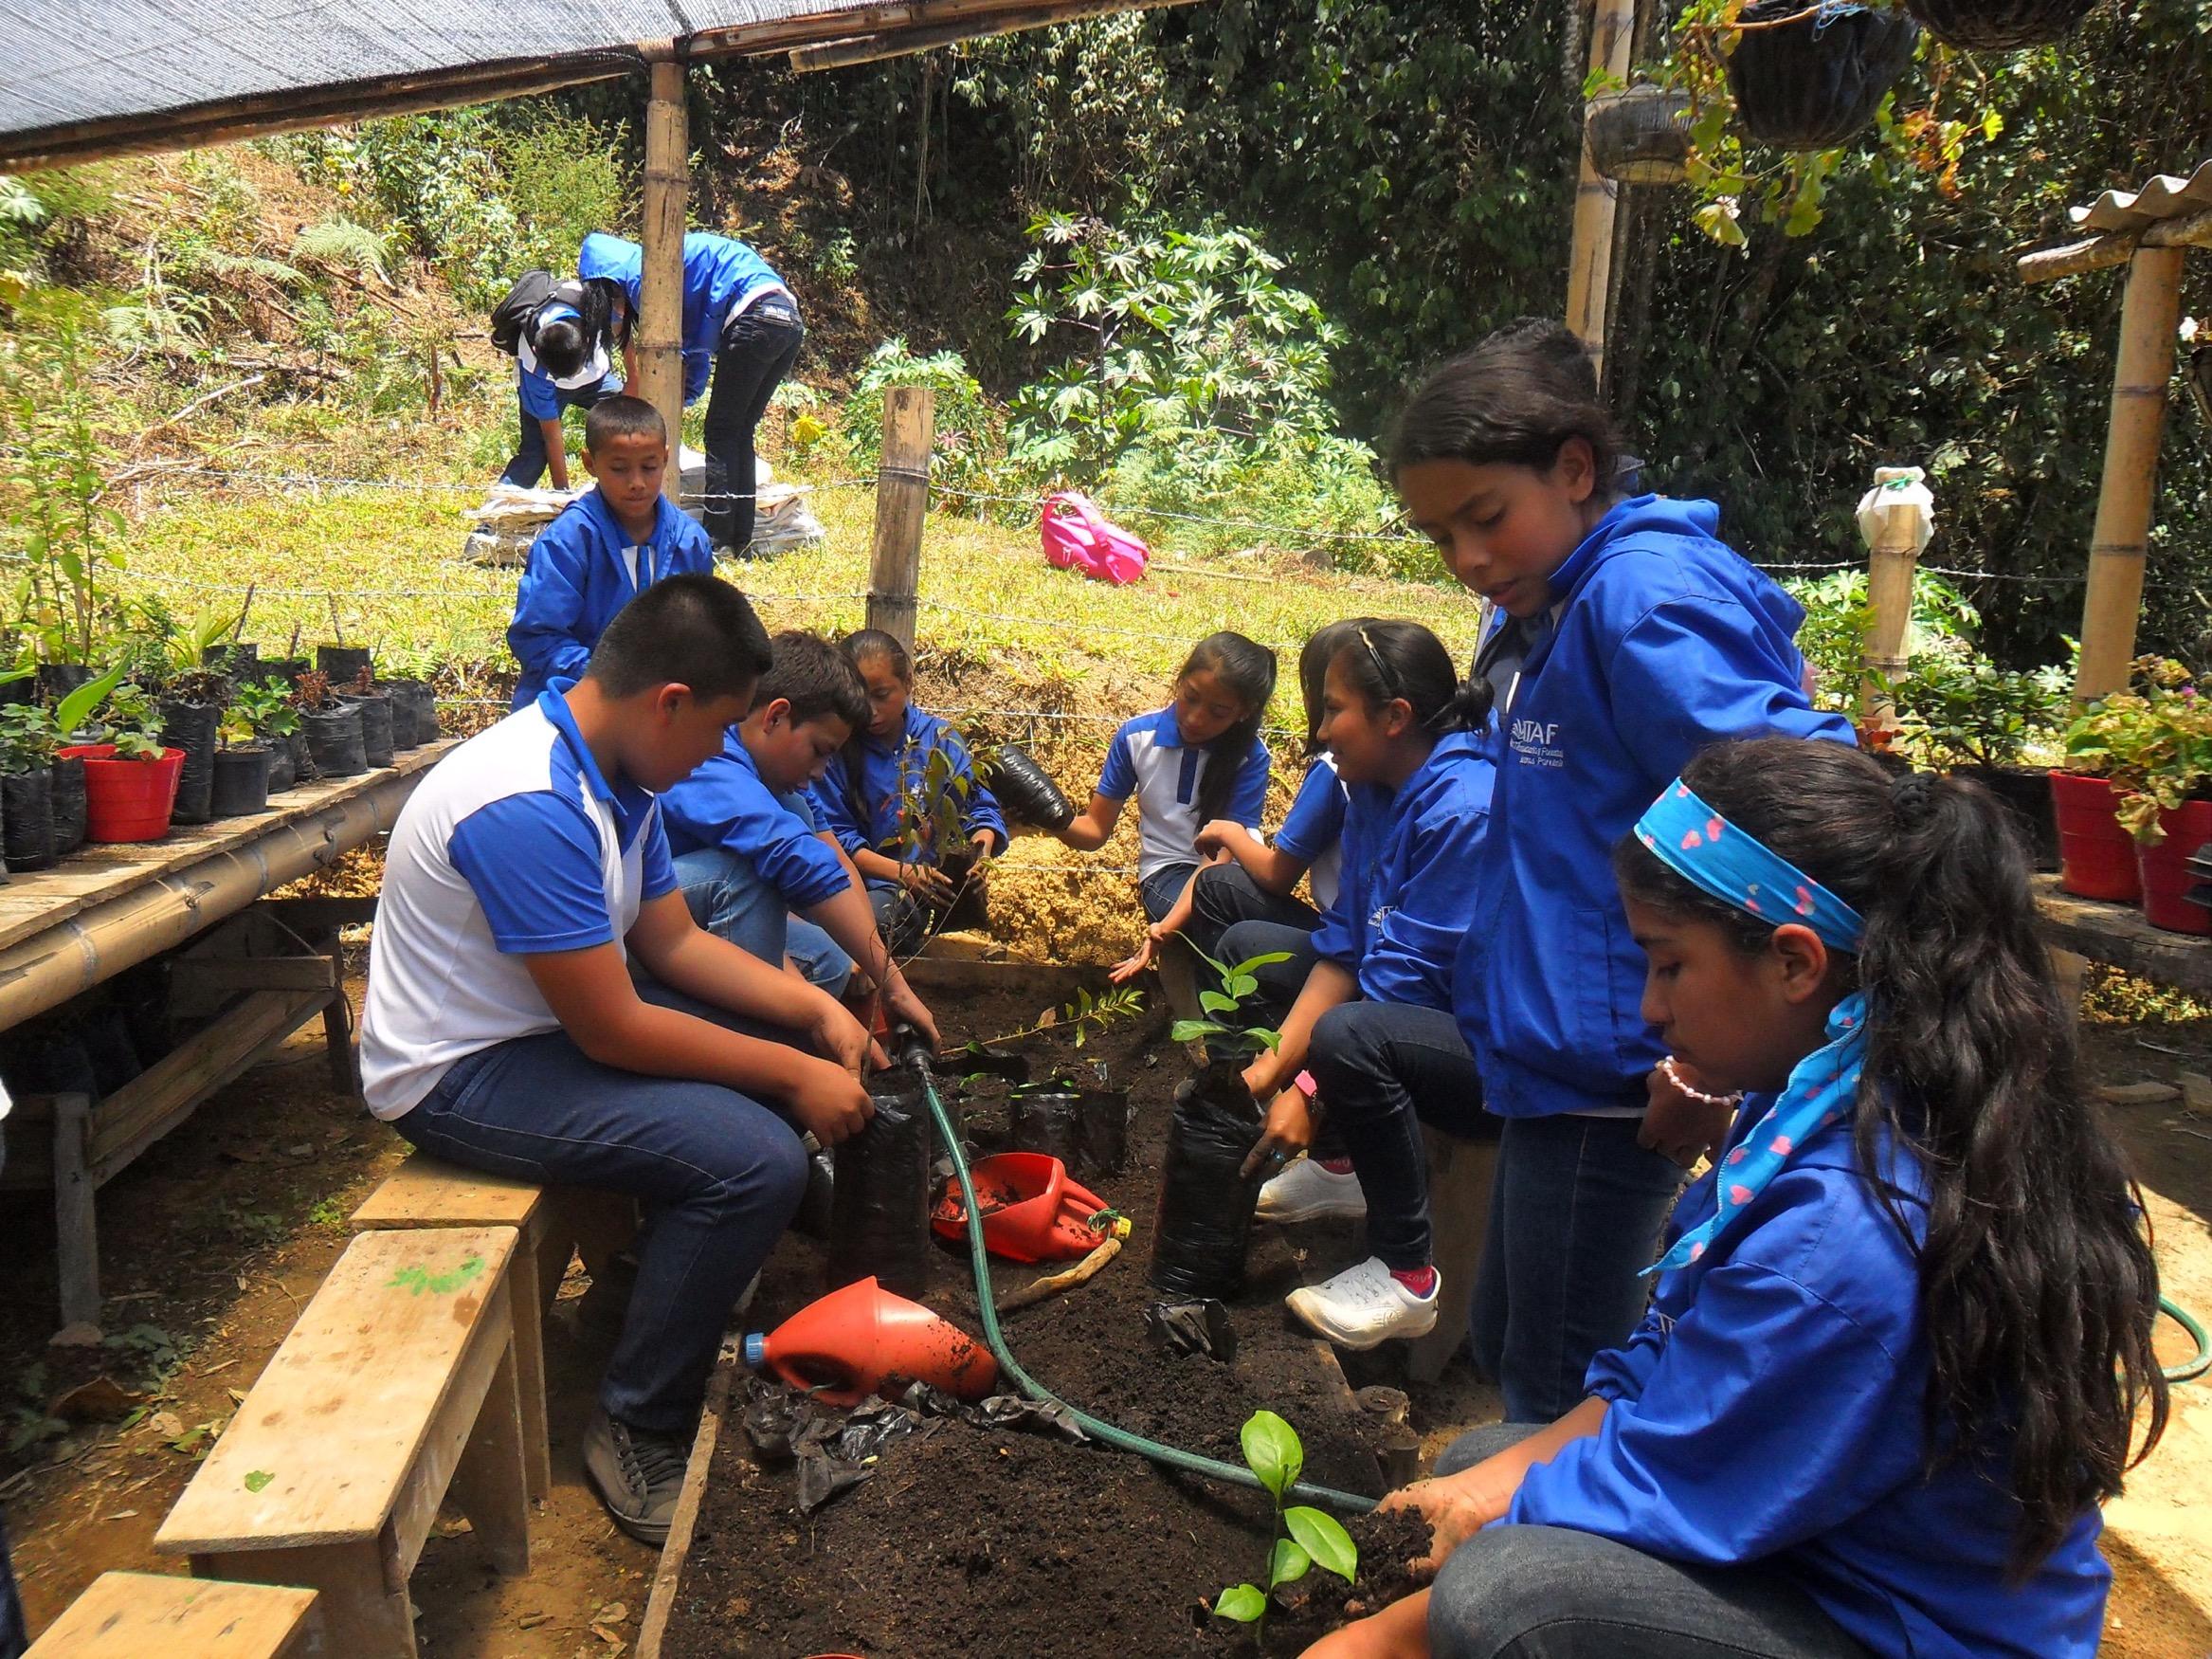 Estudientes ITAF - Práctica en Vivero forestal. Cortesía: Fundación Smurfit Kappa Colombia.